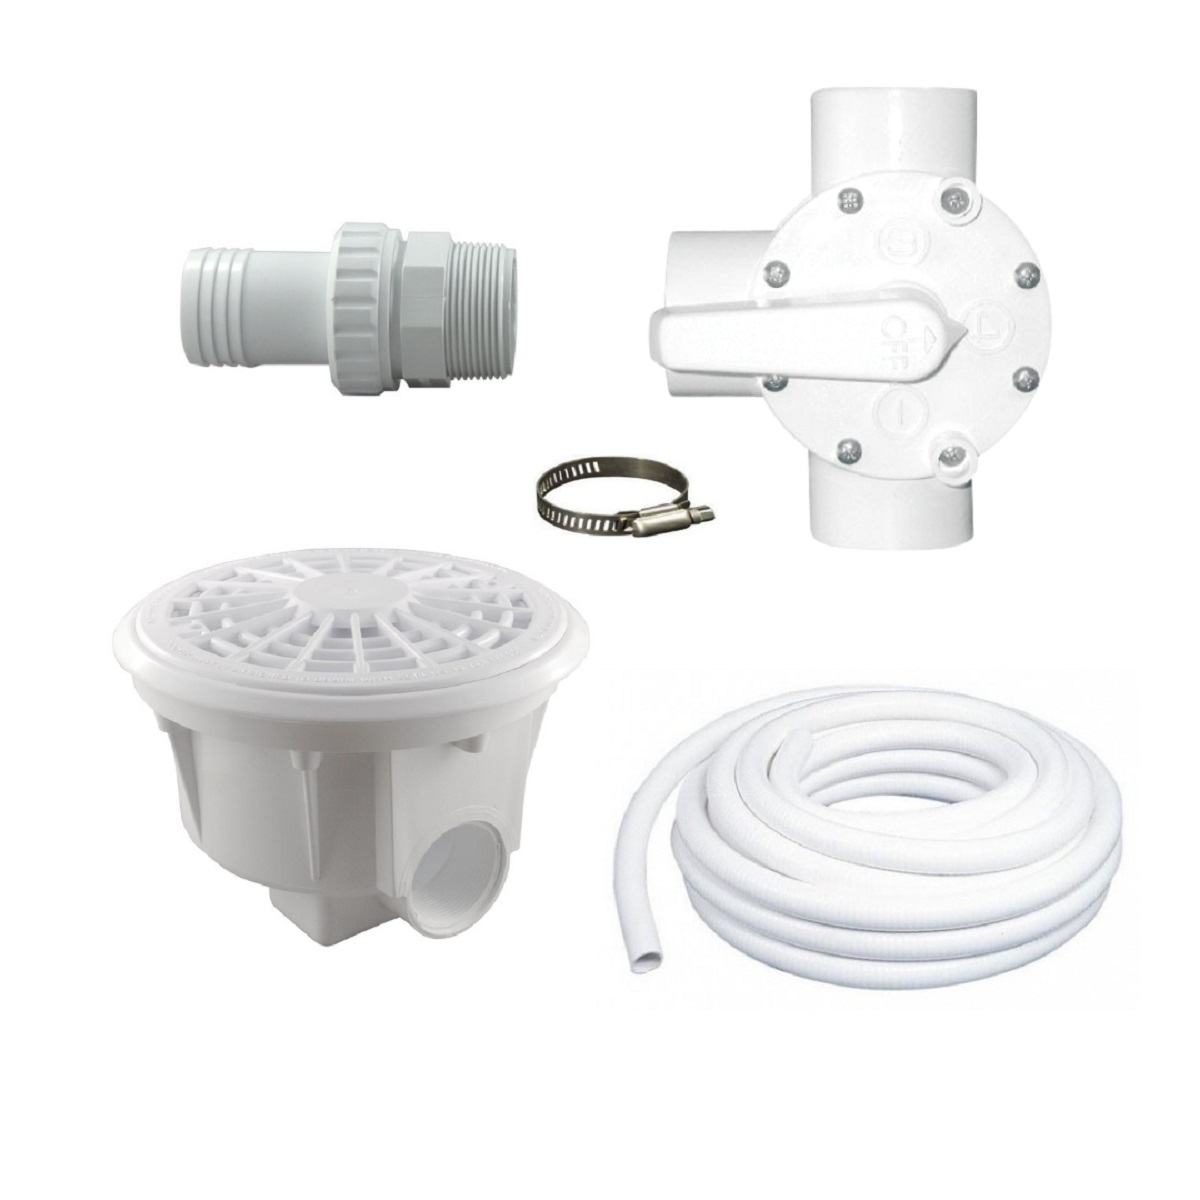 Kit de drain de fond pour piscine hors terre concept for Piscine design concept